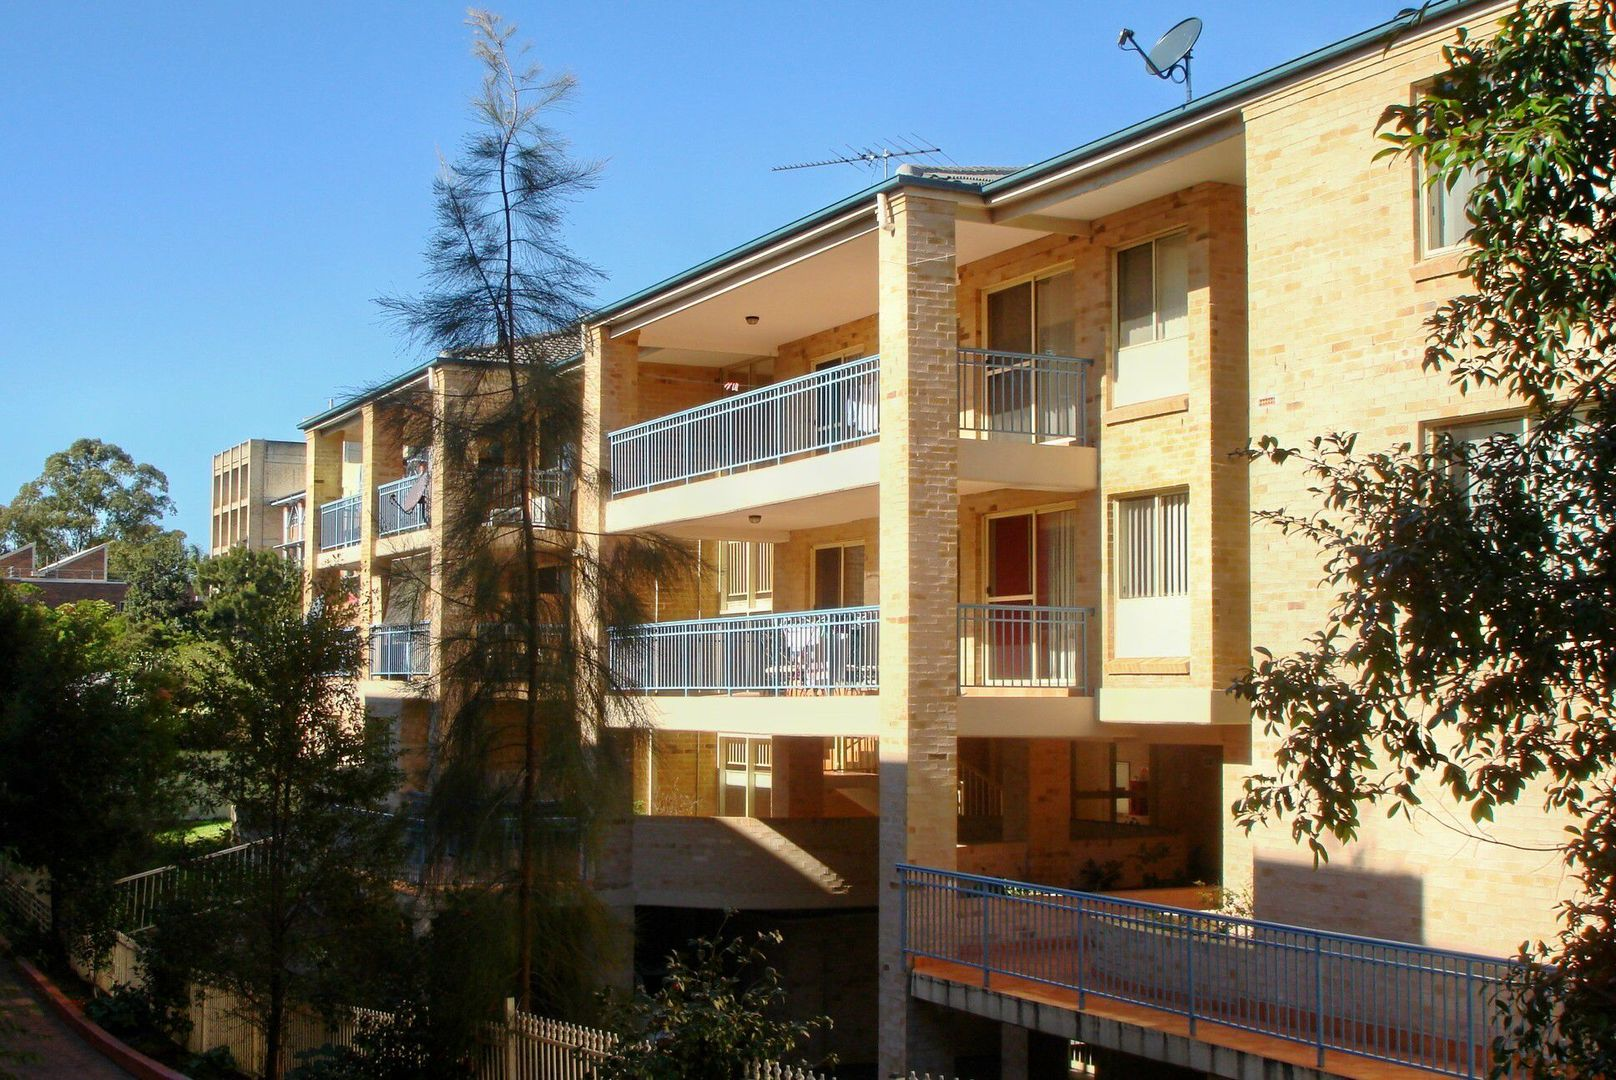 20/87-89 Meredith Street, Bankstown NSW 2200, Image 0